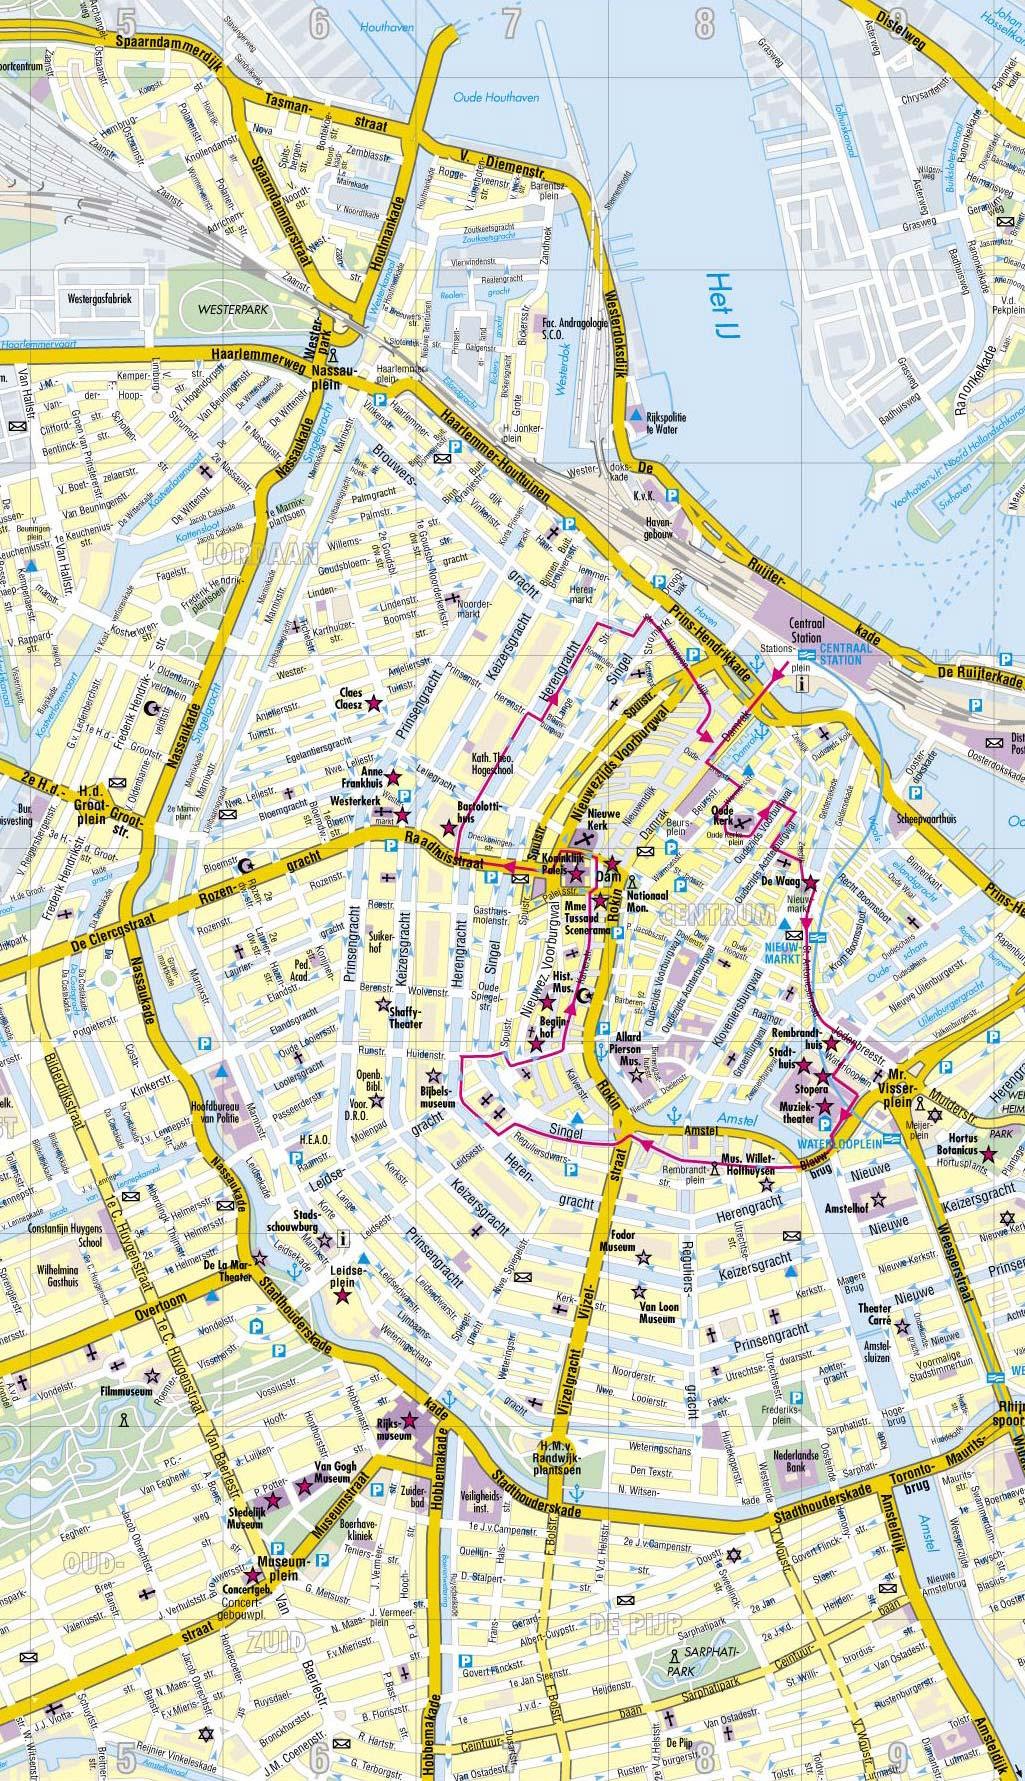 Cartina Amsterdam.Mappa Amsterdam Utilizza La Mappa Amsterdam Per I Tuoi Spostamenti